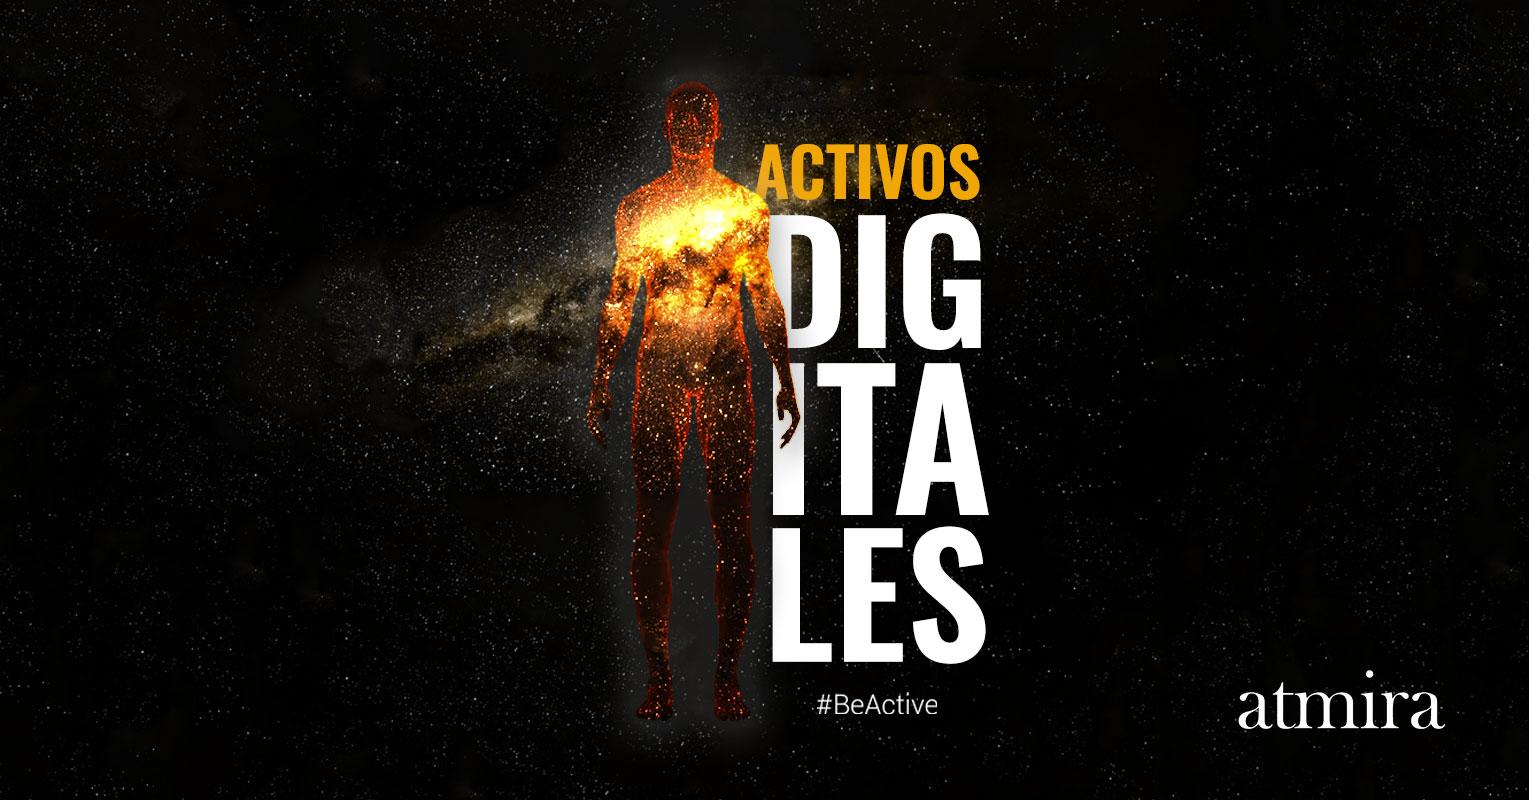 activos digitales